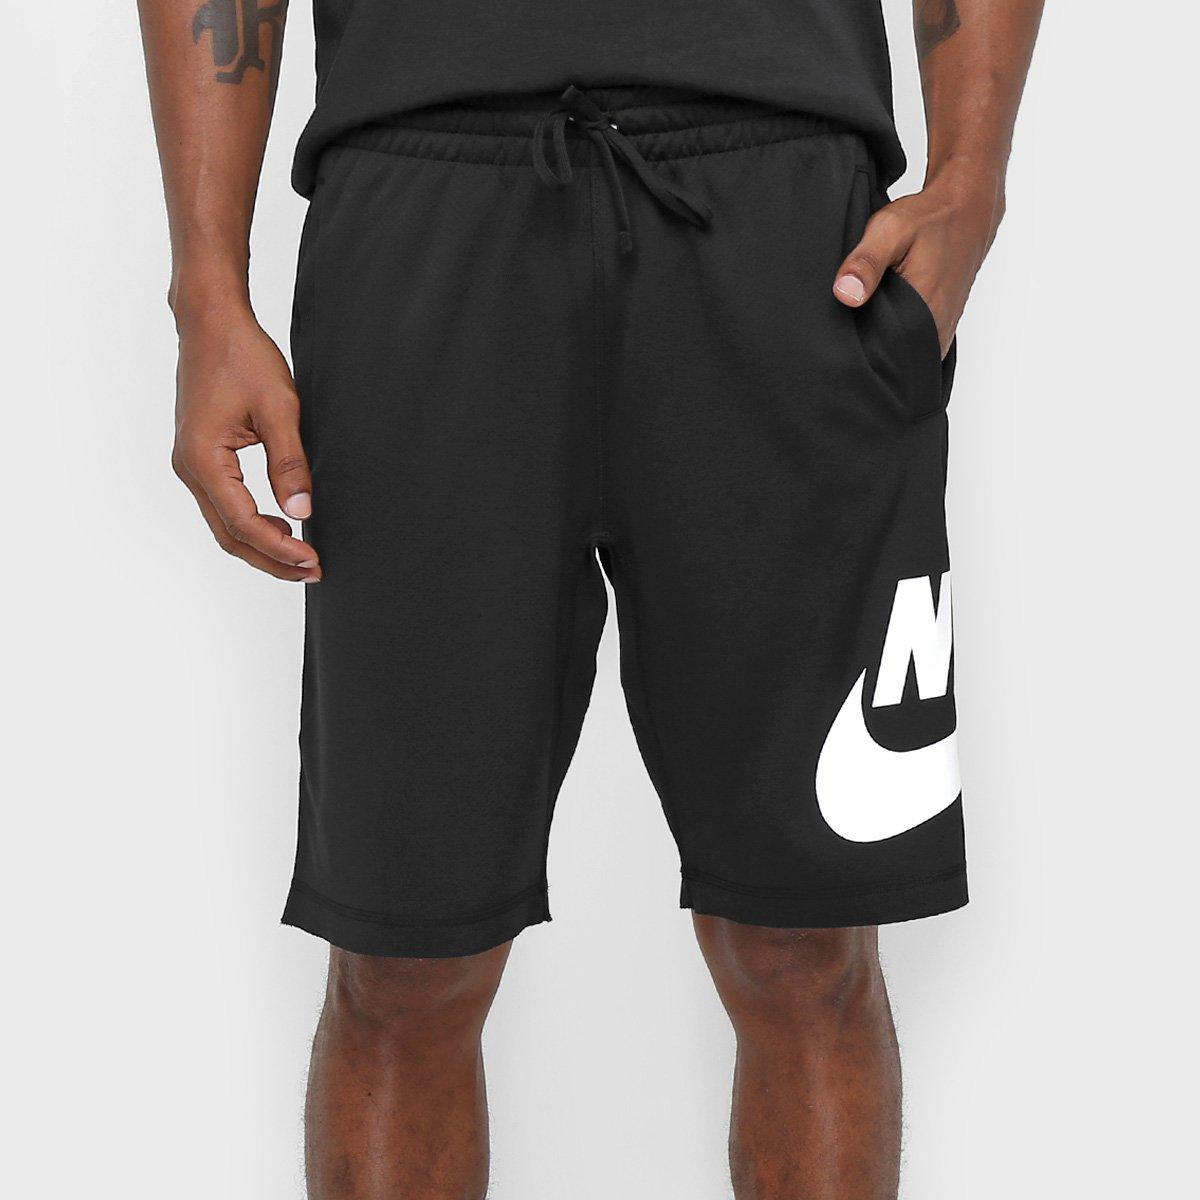 Bermuda Nike SB Dry Reta Masculina - Preto e Branco - Compre Agora ... 183c62f1fa7